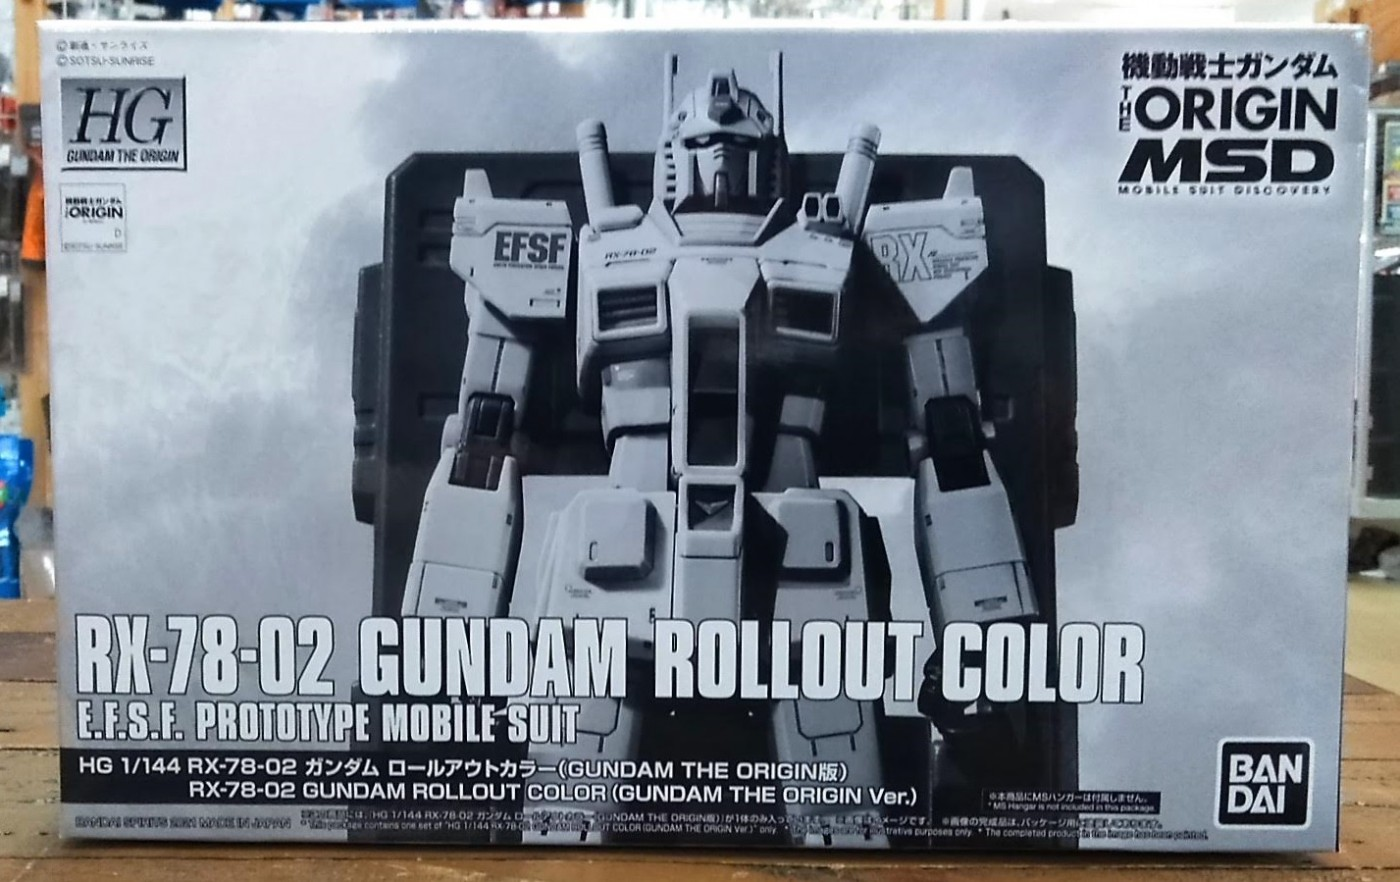 ゼスト所沢店の買取情報!!『バンダイの1/144 HG RX-78-02 ガンダム ロールアウトカラー(GUNDAM THE ORIGIN版)』